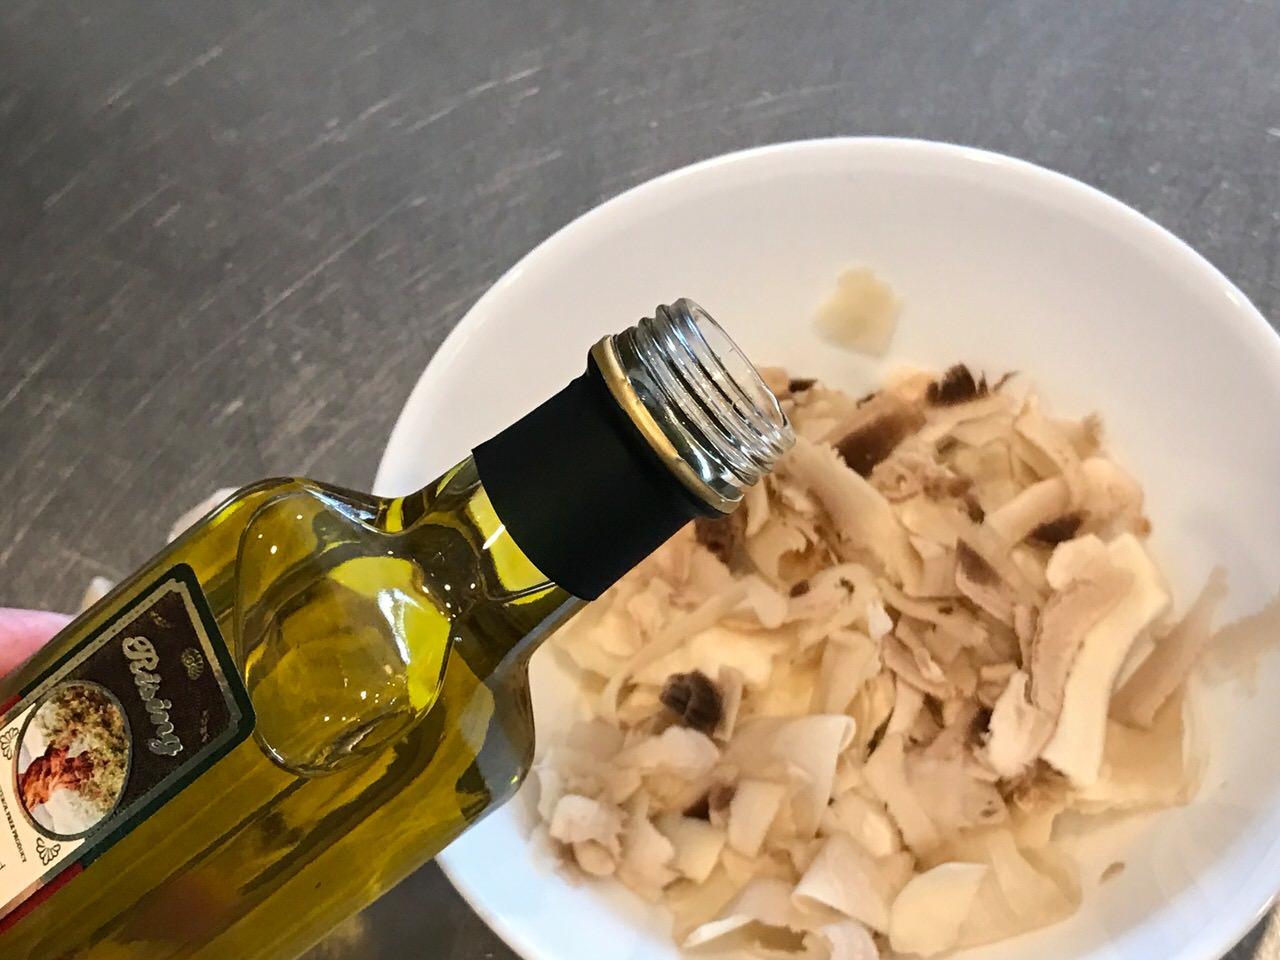 Mashroom oliveoil salt 1574